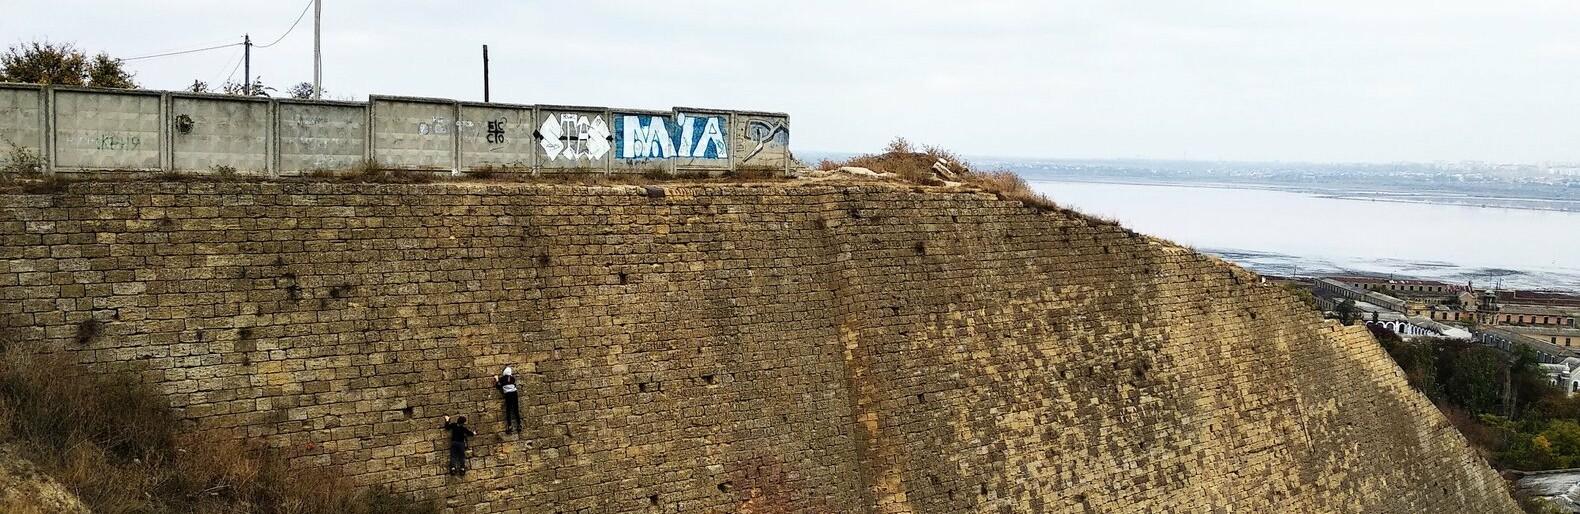 Подросток забрался на Куяльницкую стенку под Одессой и ждал целый ч...0